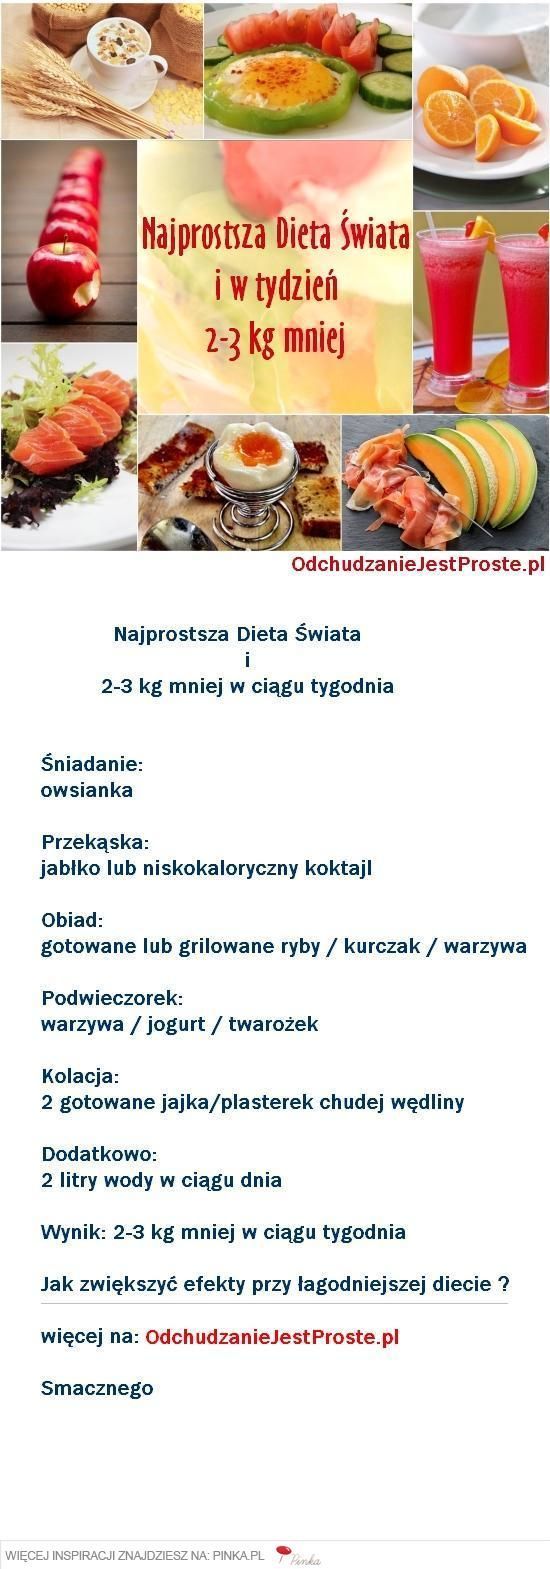 Najprostsza Dieta Świata, czyli dieta, która daje spadek wagi 2-3 kg w tydzień.